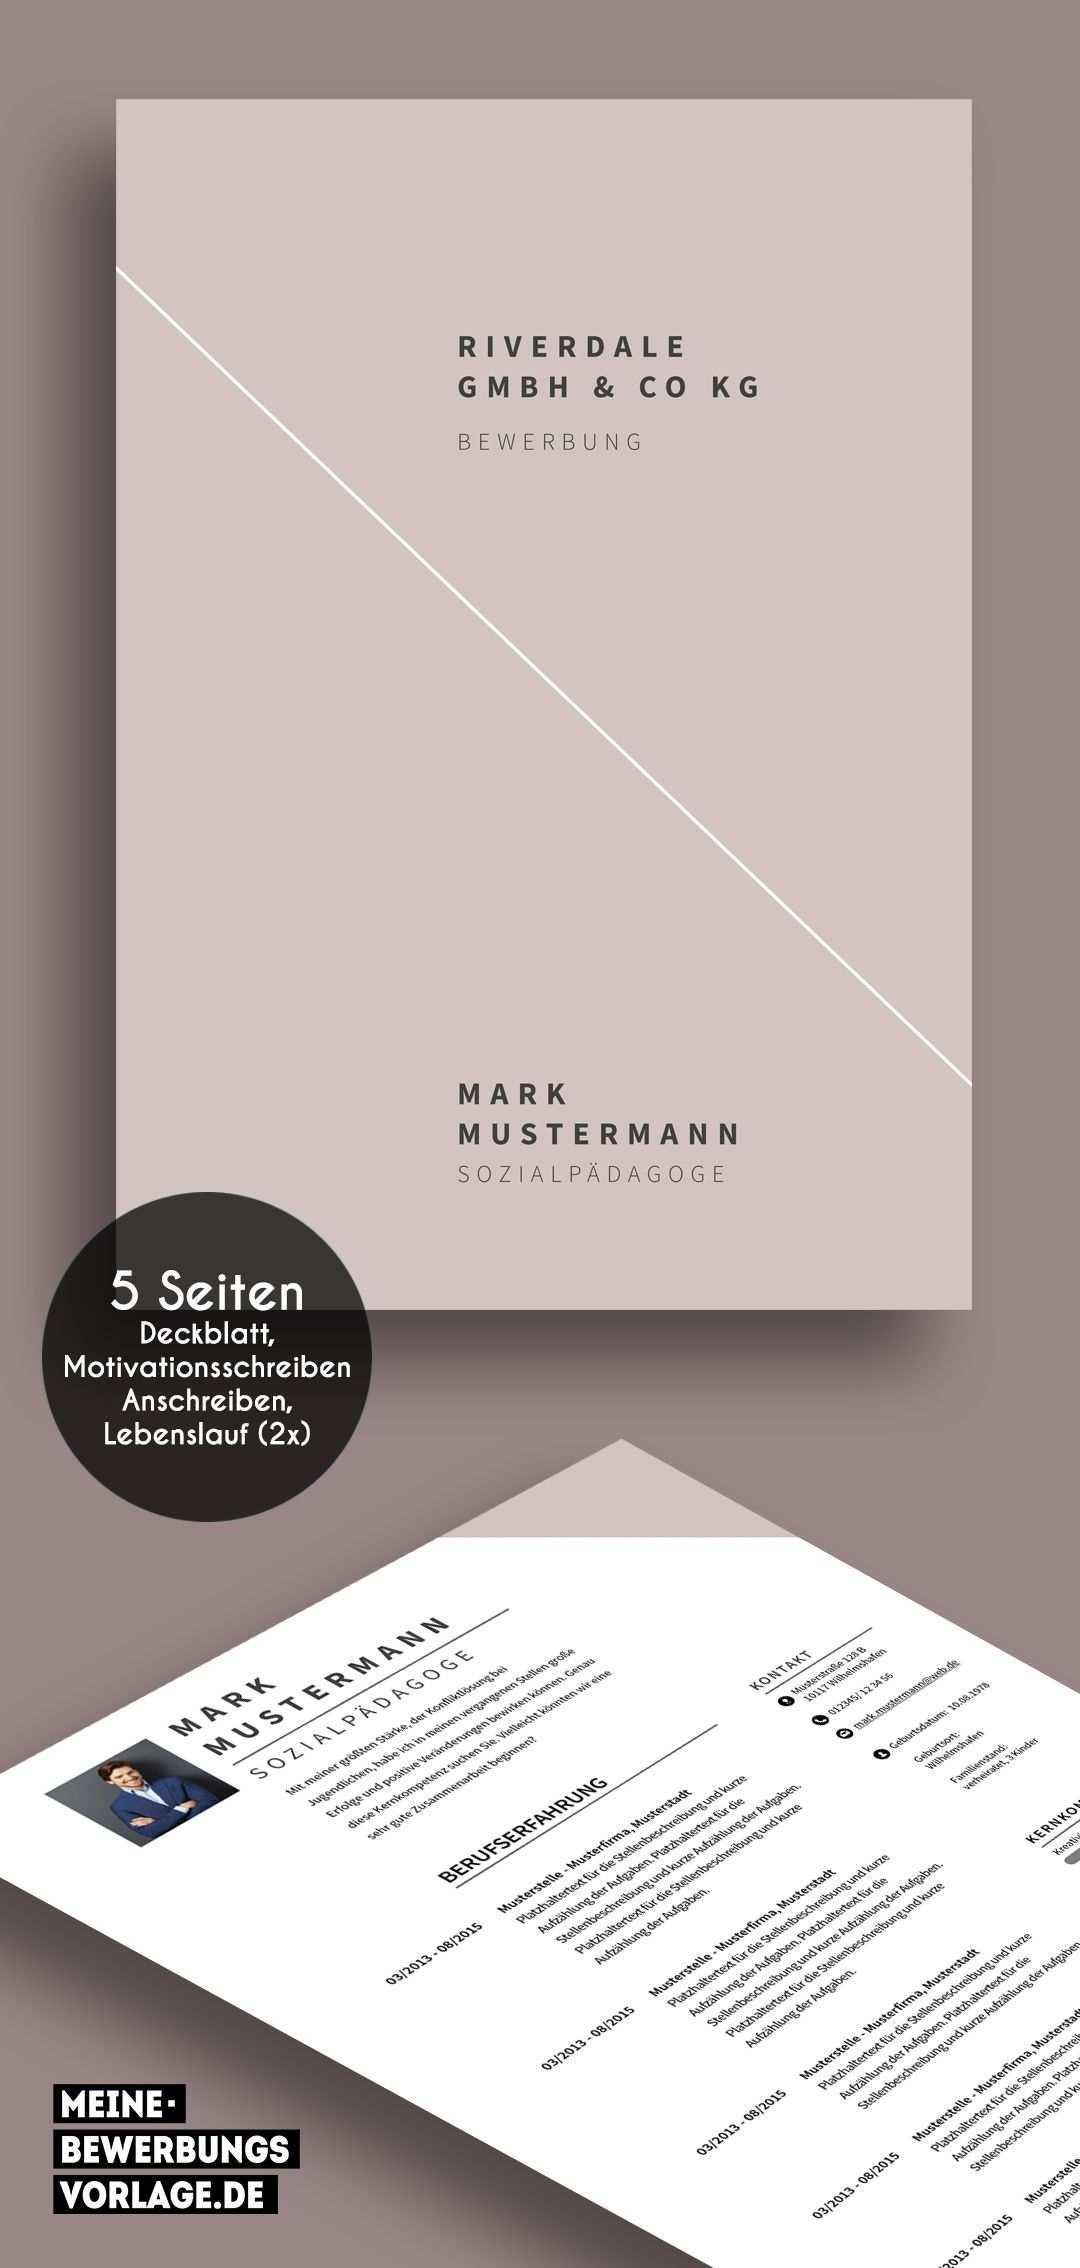 No 13 Bewerbung Layout Vorlage Deckblatt Bewerbung Deckblatt Bewerbung